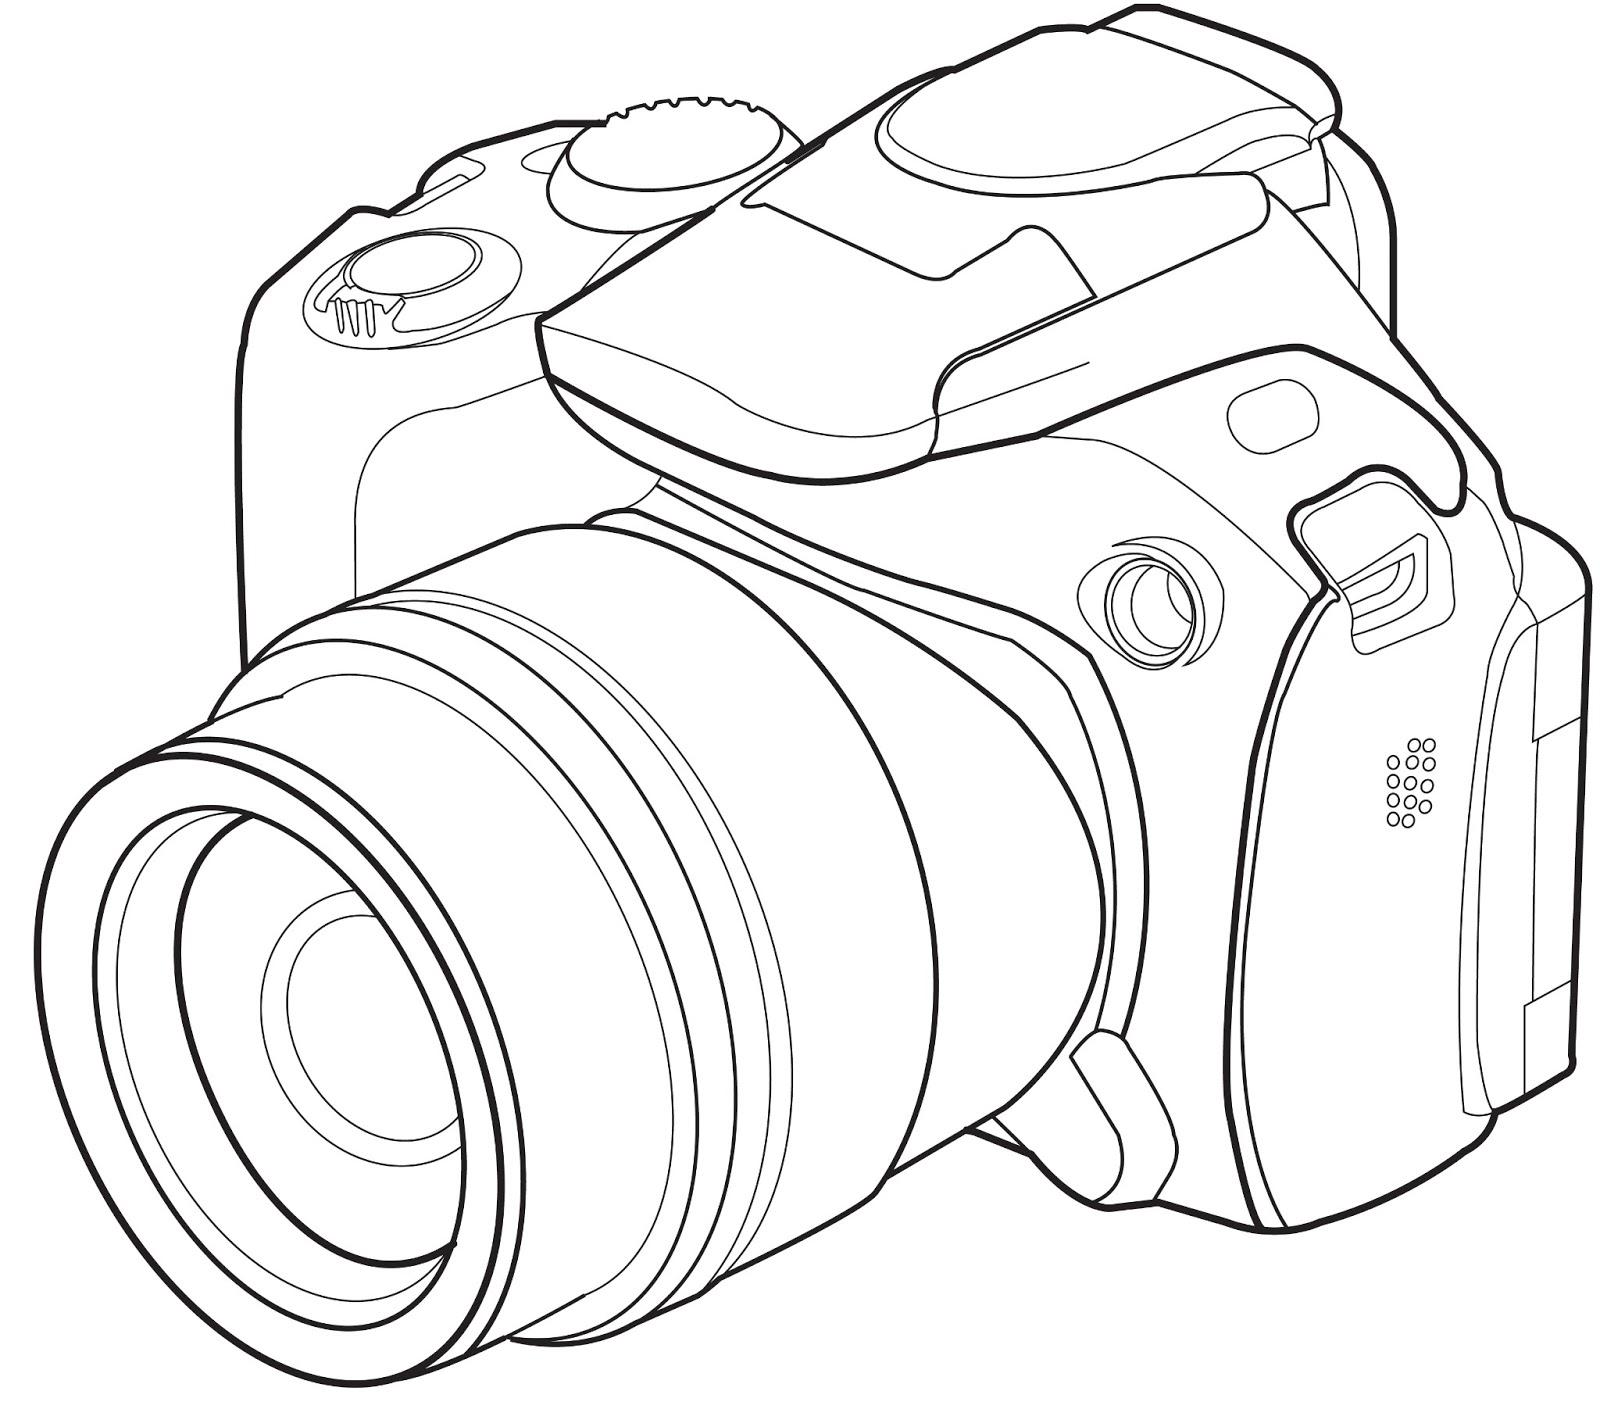 1600x1427 Image Result For Camera Lsr Line Drawing Nikon Dslr